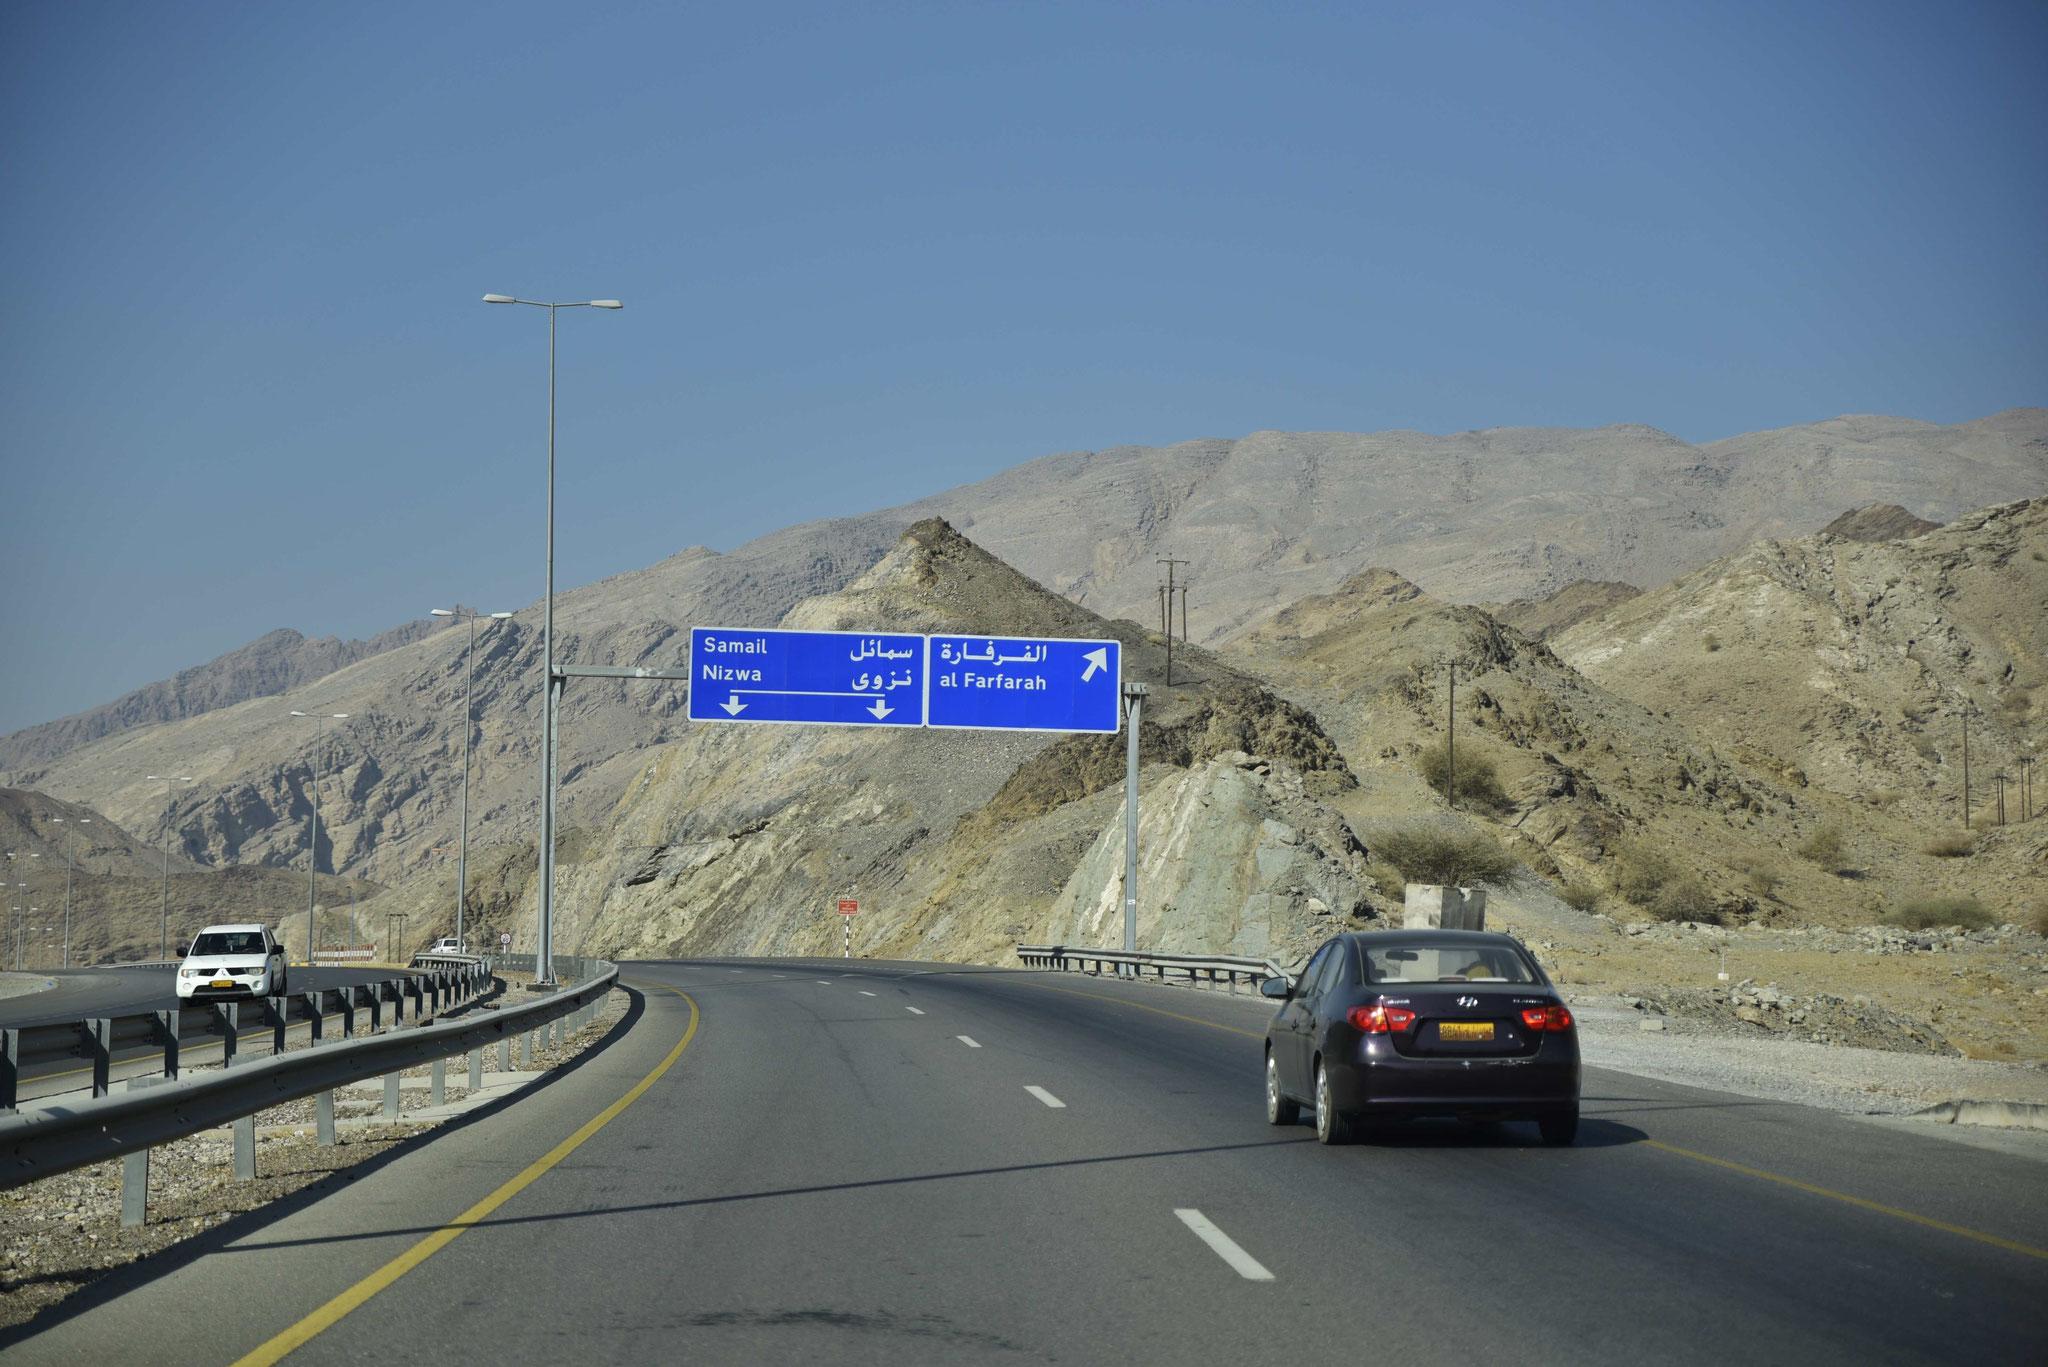 Verkehrsschilder sind zum Glück nicht nur in arabisch vorhanden